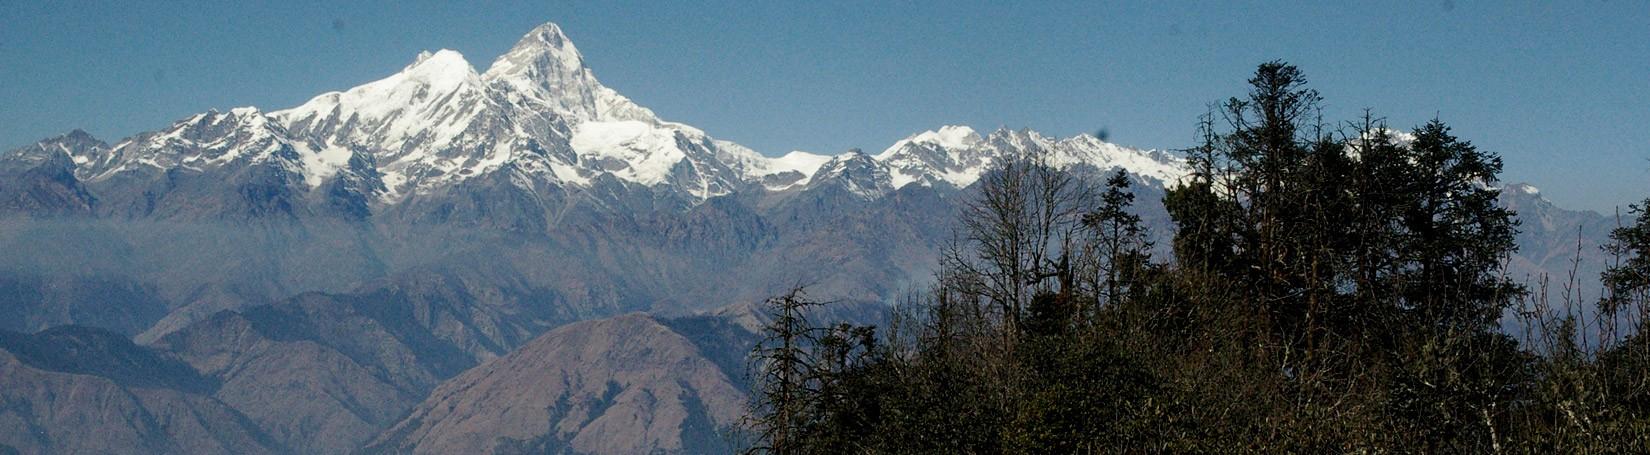 HImalayan Range seen from Phulkharka village after Hiking